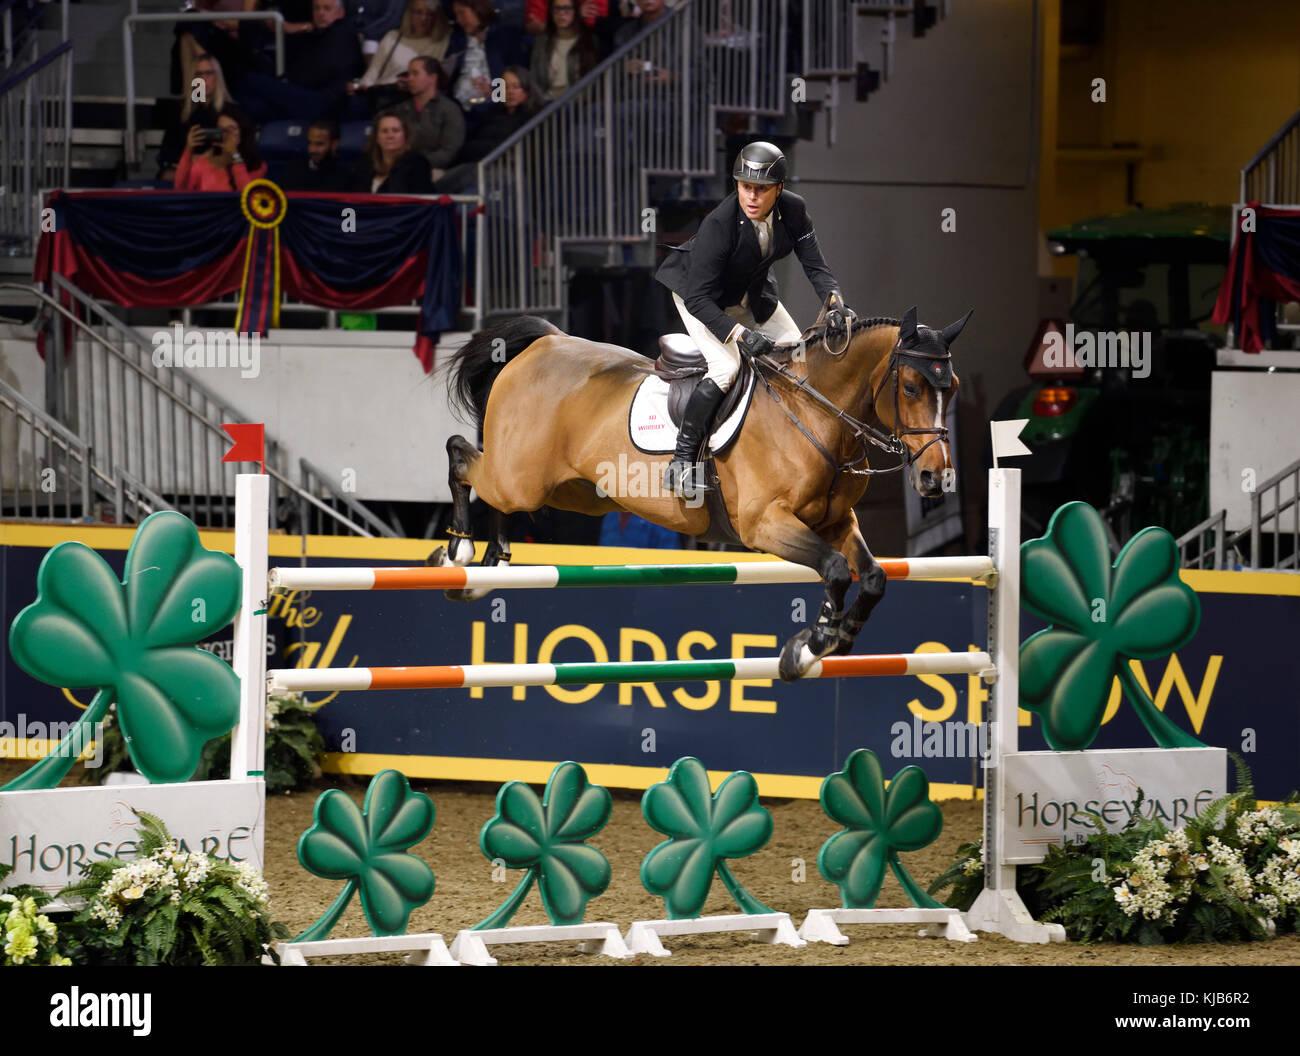 Sharn Wordley Nouvelle-zélande équitation Barnetta à la troisième place dans la Longines FEI Photo Stock